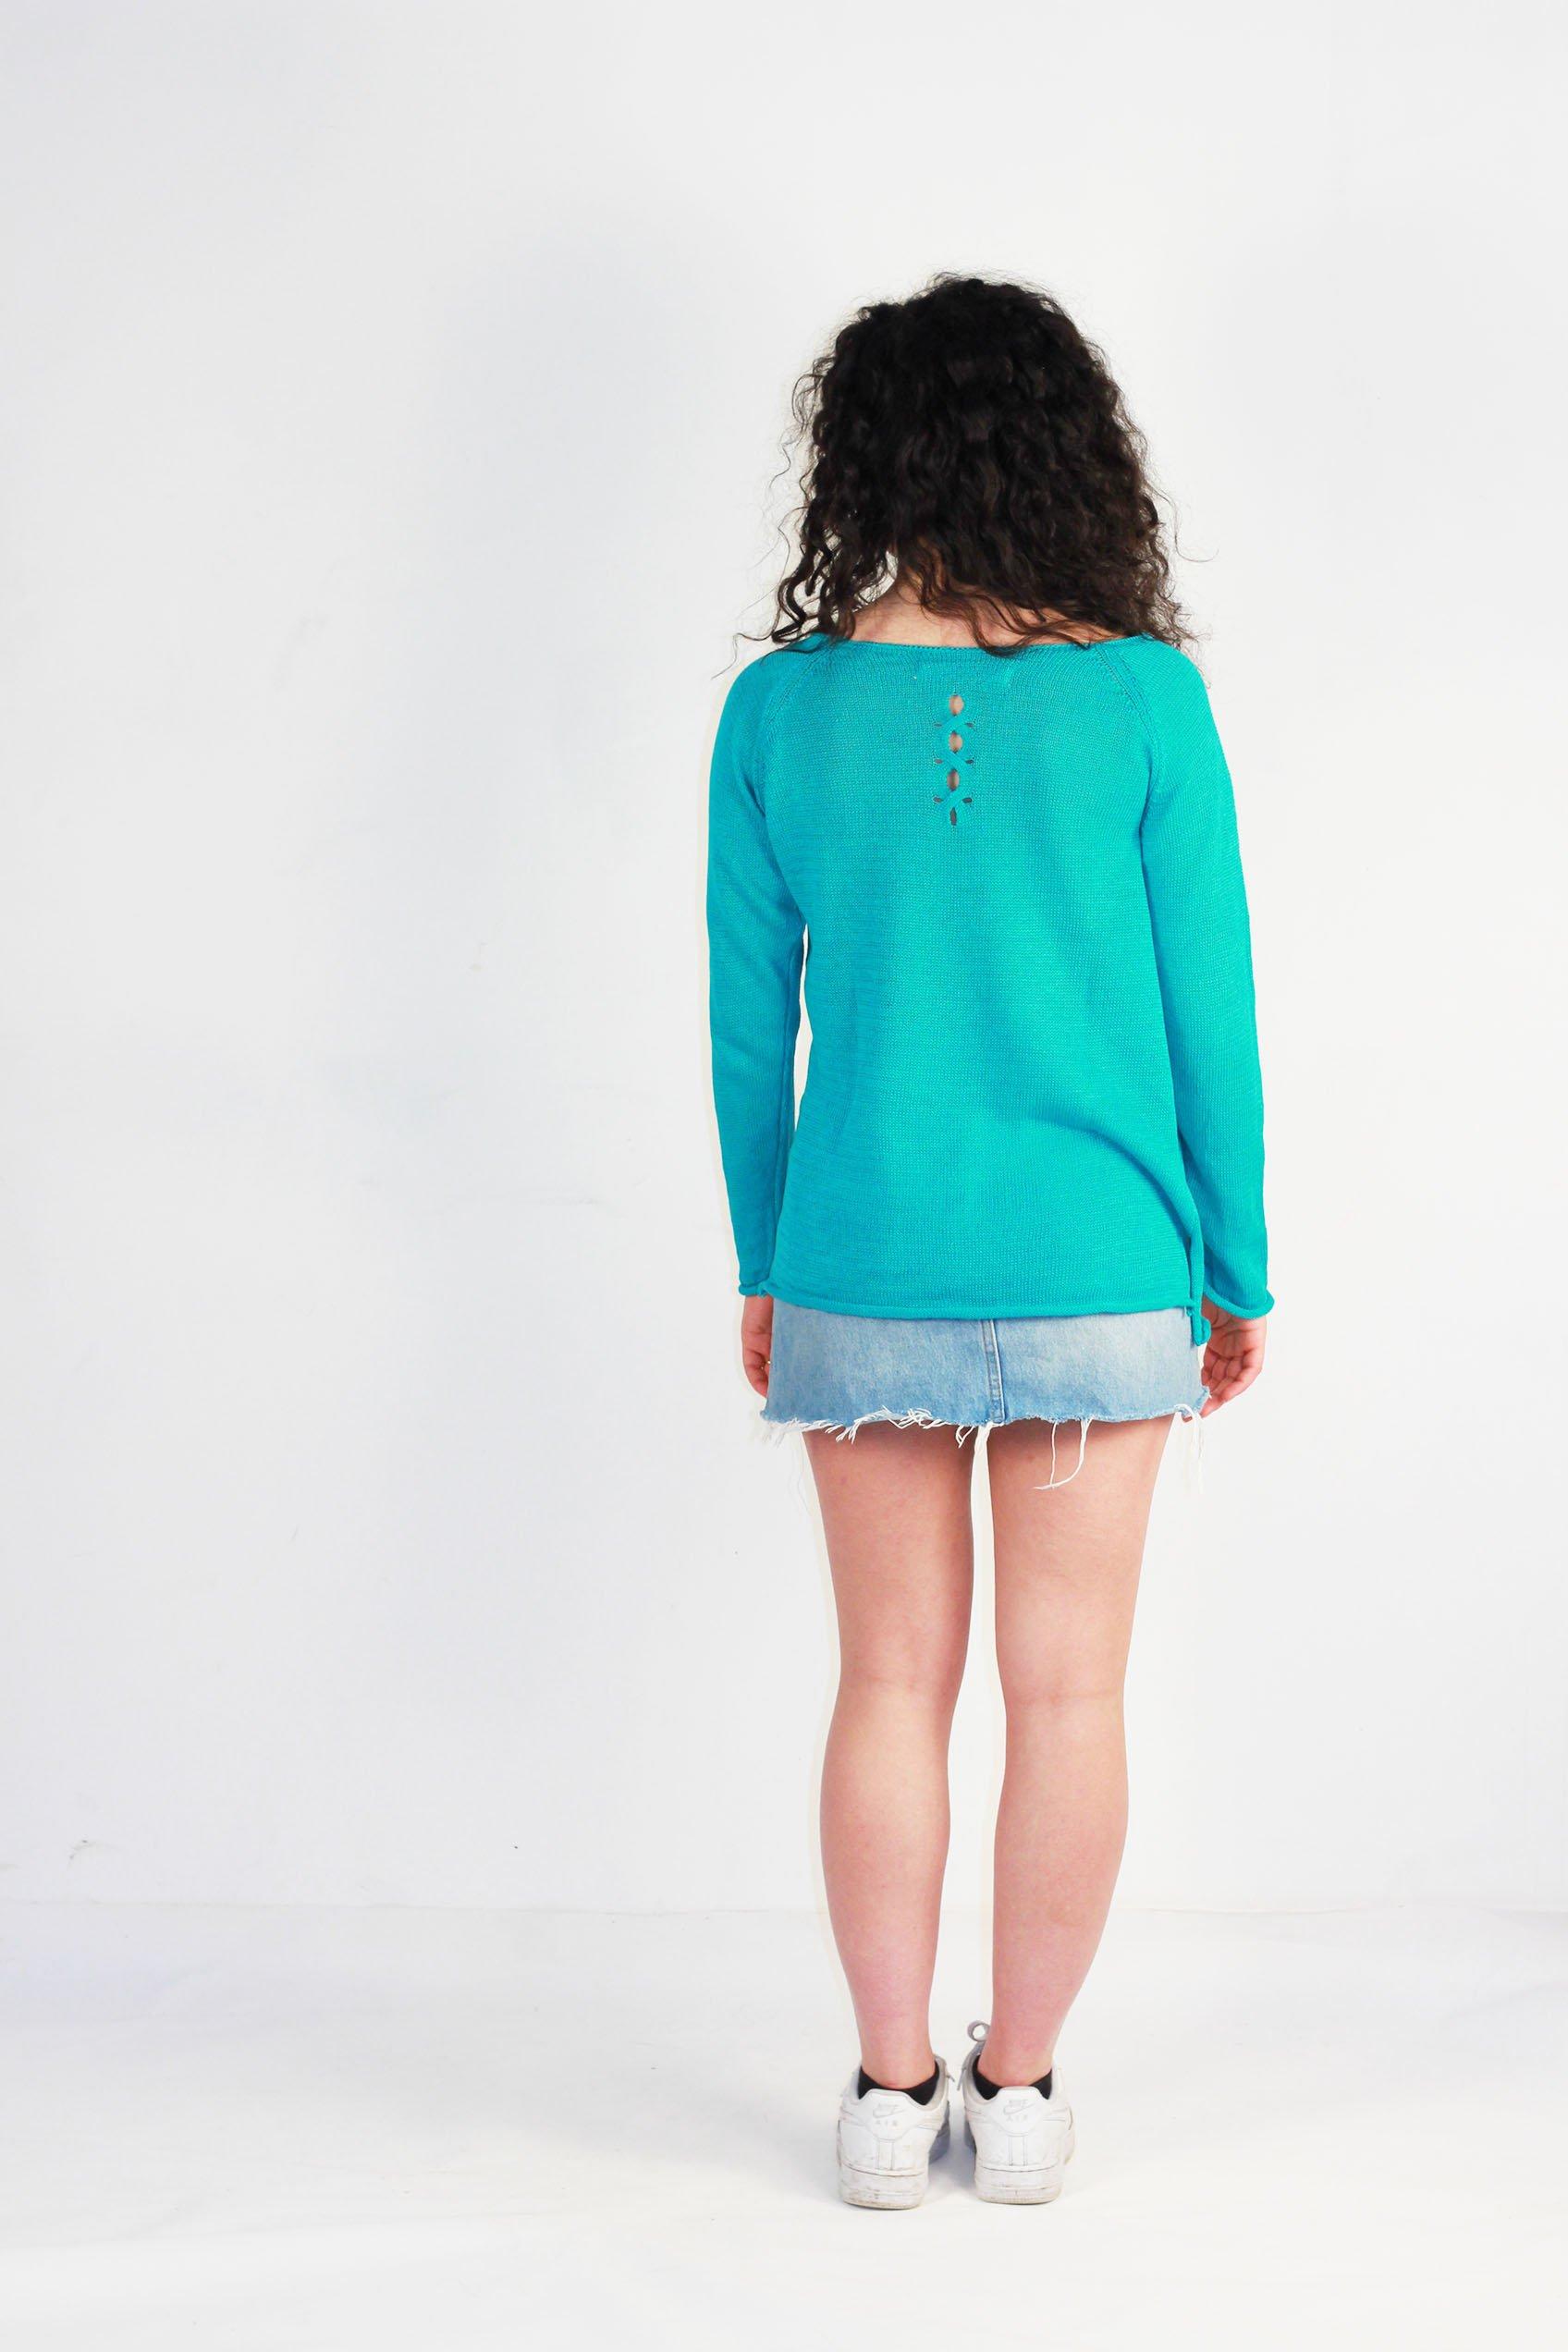 dos oseille turquoise